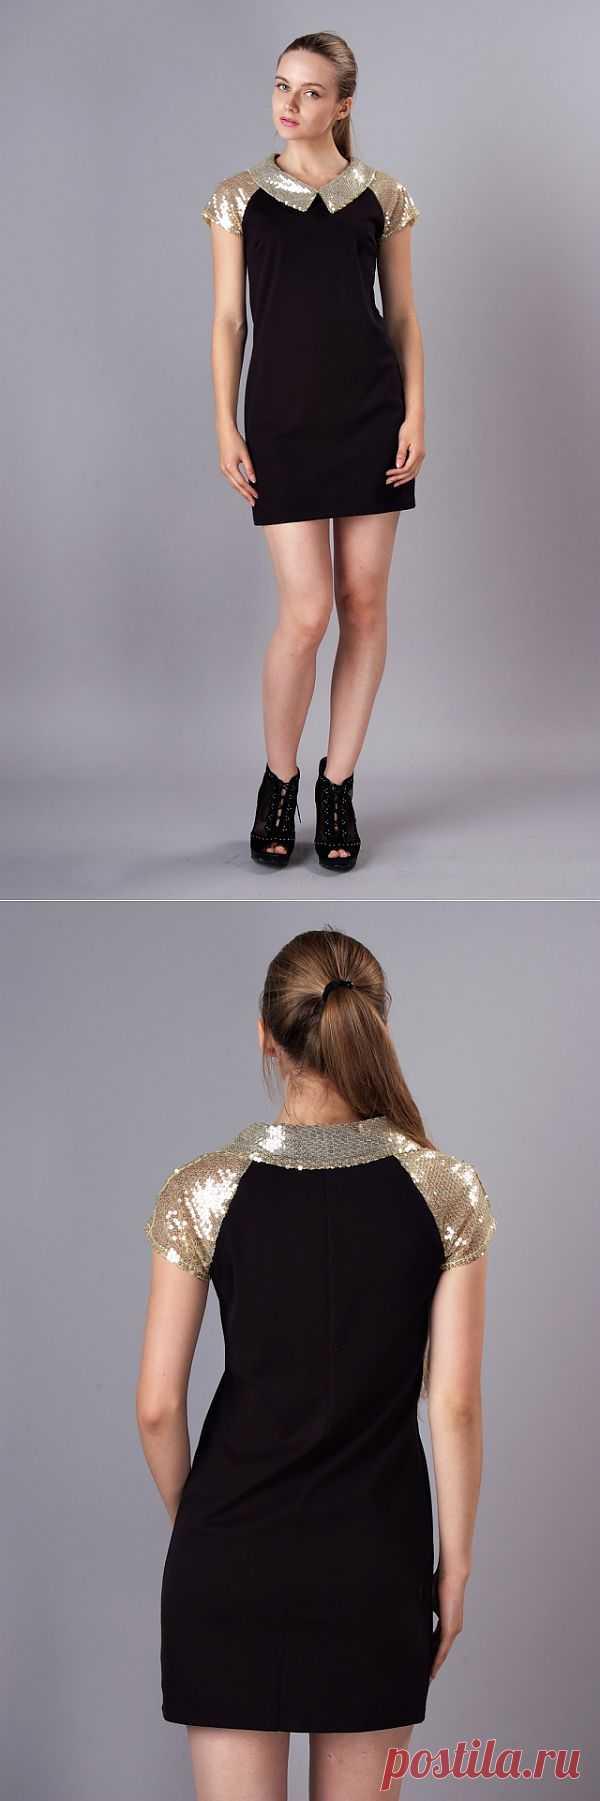 Из делового в вечернее / Платья Diy / Модный сайт о стильной переделке одежды и интерьера